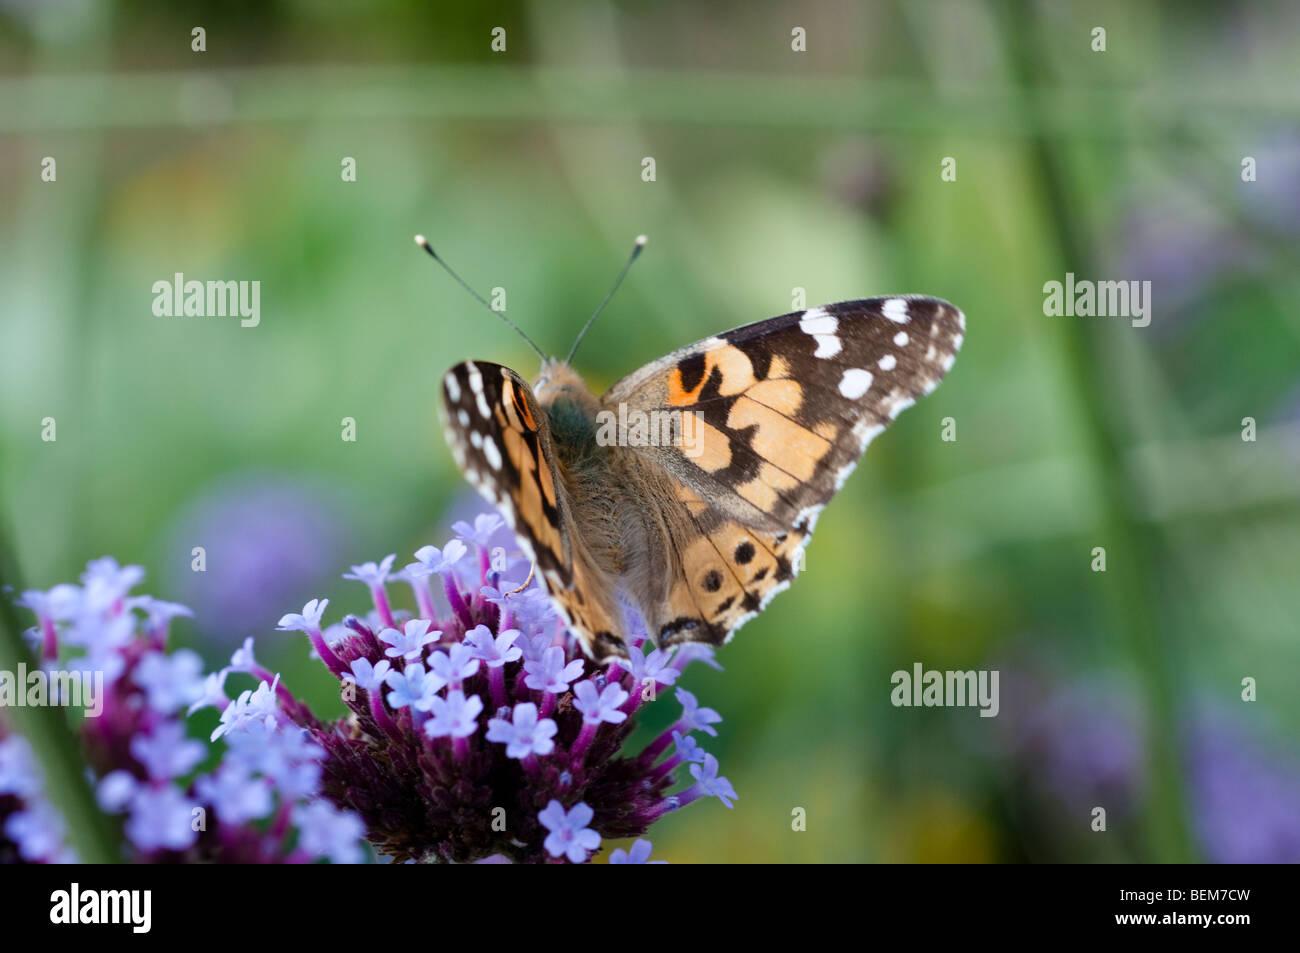 Distelfalter Schmetterling Futterung Auf Eisenkraut Blume Stockfoto